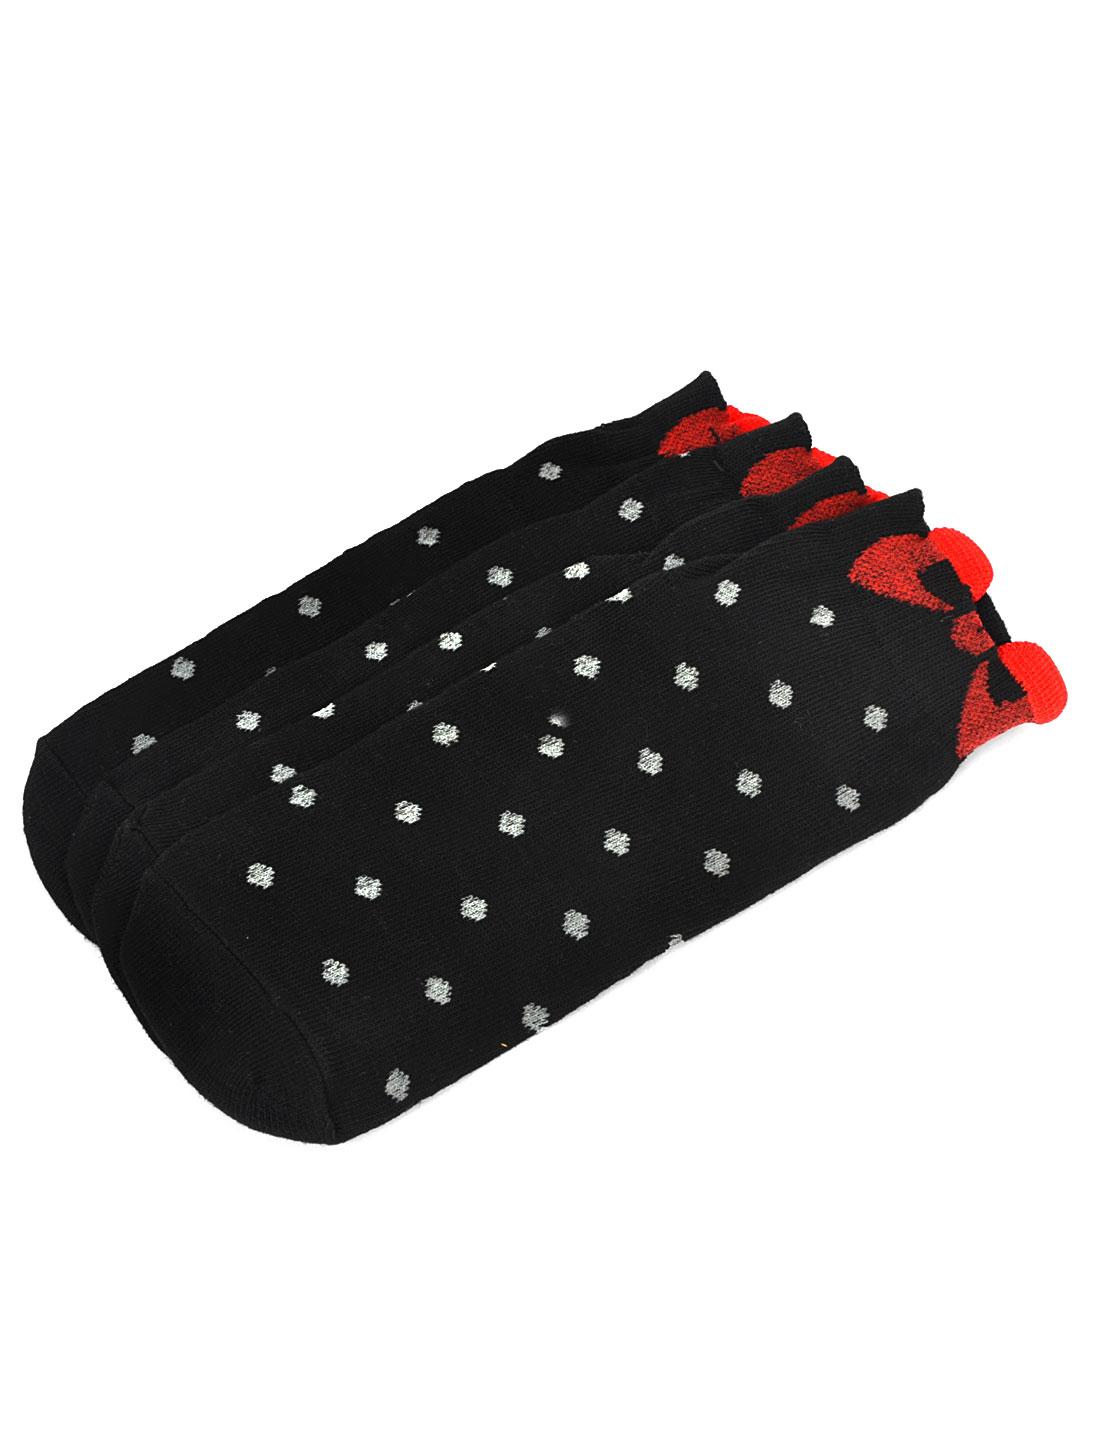 2 Pairs Black Spot Dot Pattern Elastic Ankle Socks for Girls